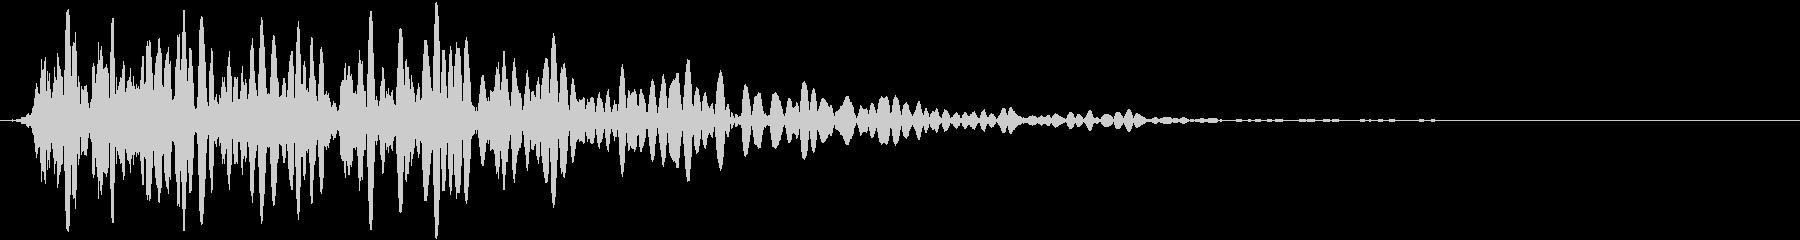 スモークアップの未再生の波形